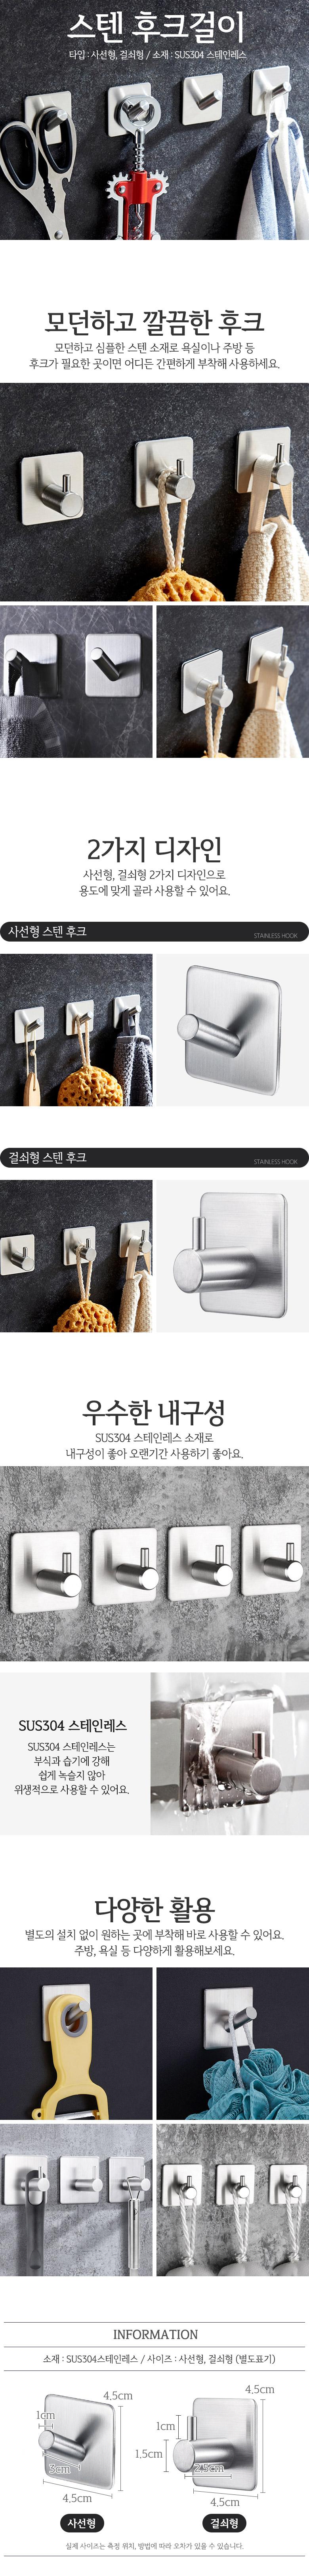 스테인레스 후크 - 삼도, 2,900원, 정리용품/청소, 욕실선반/걸이